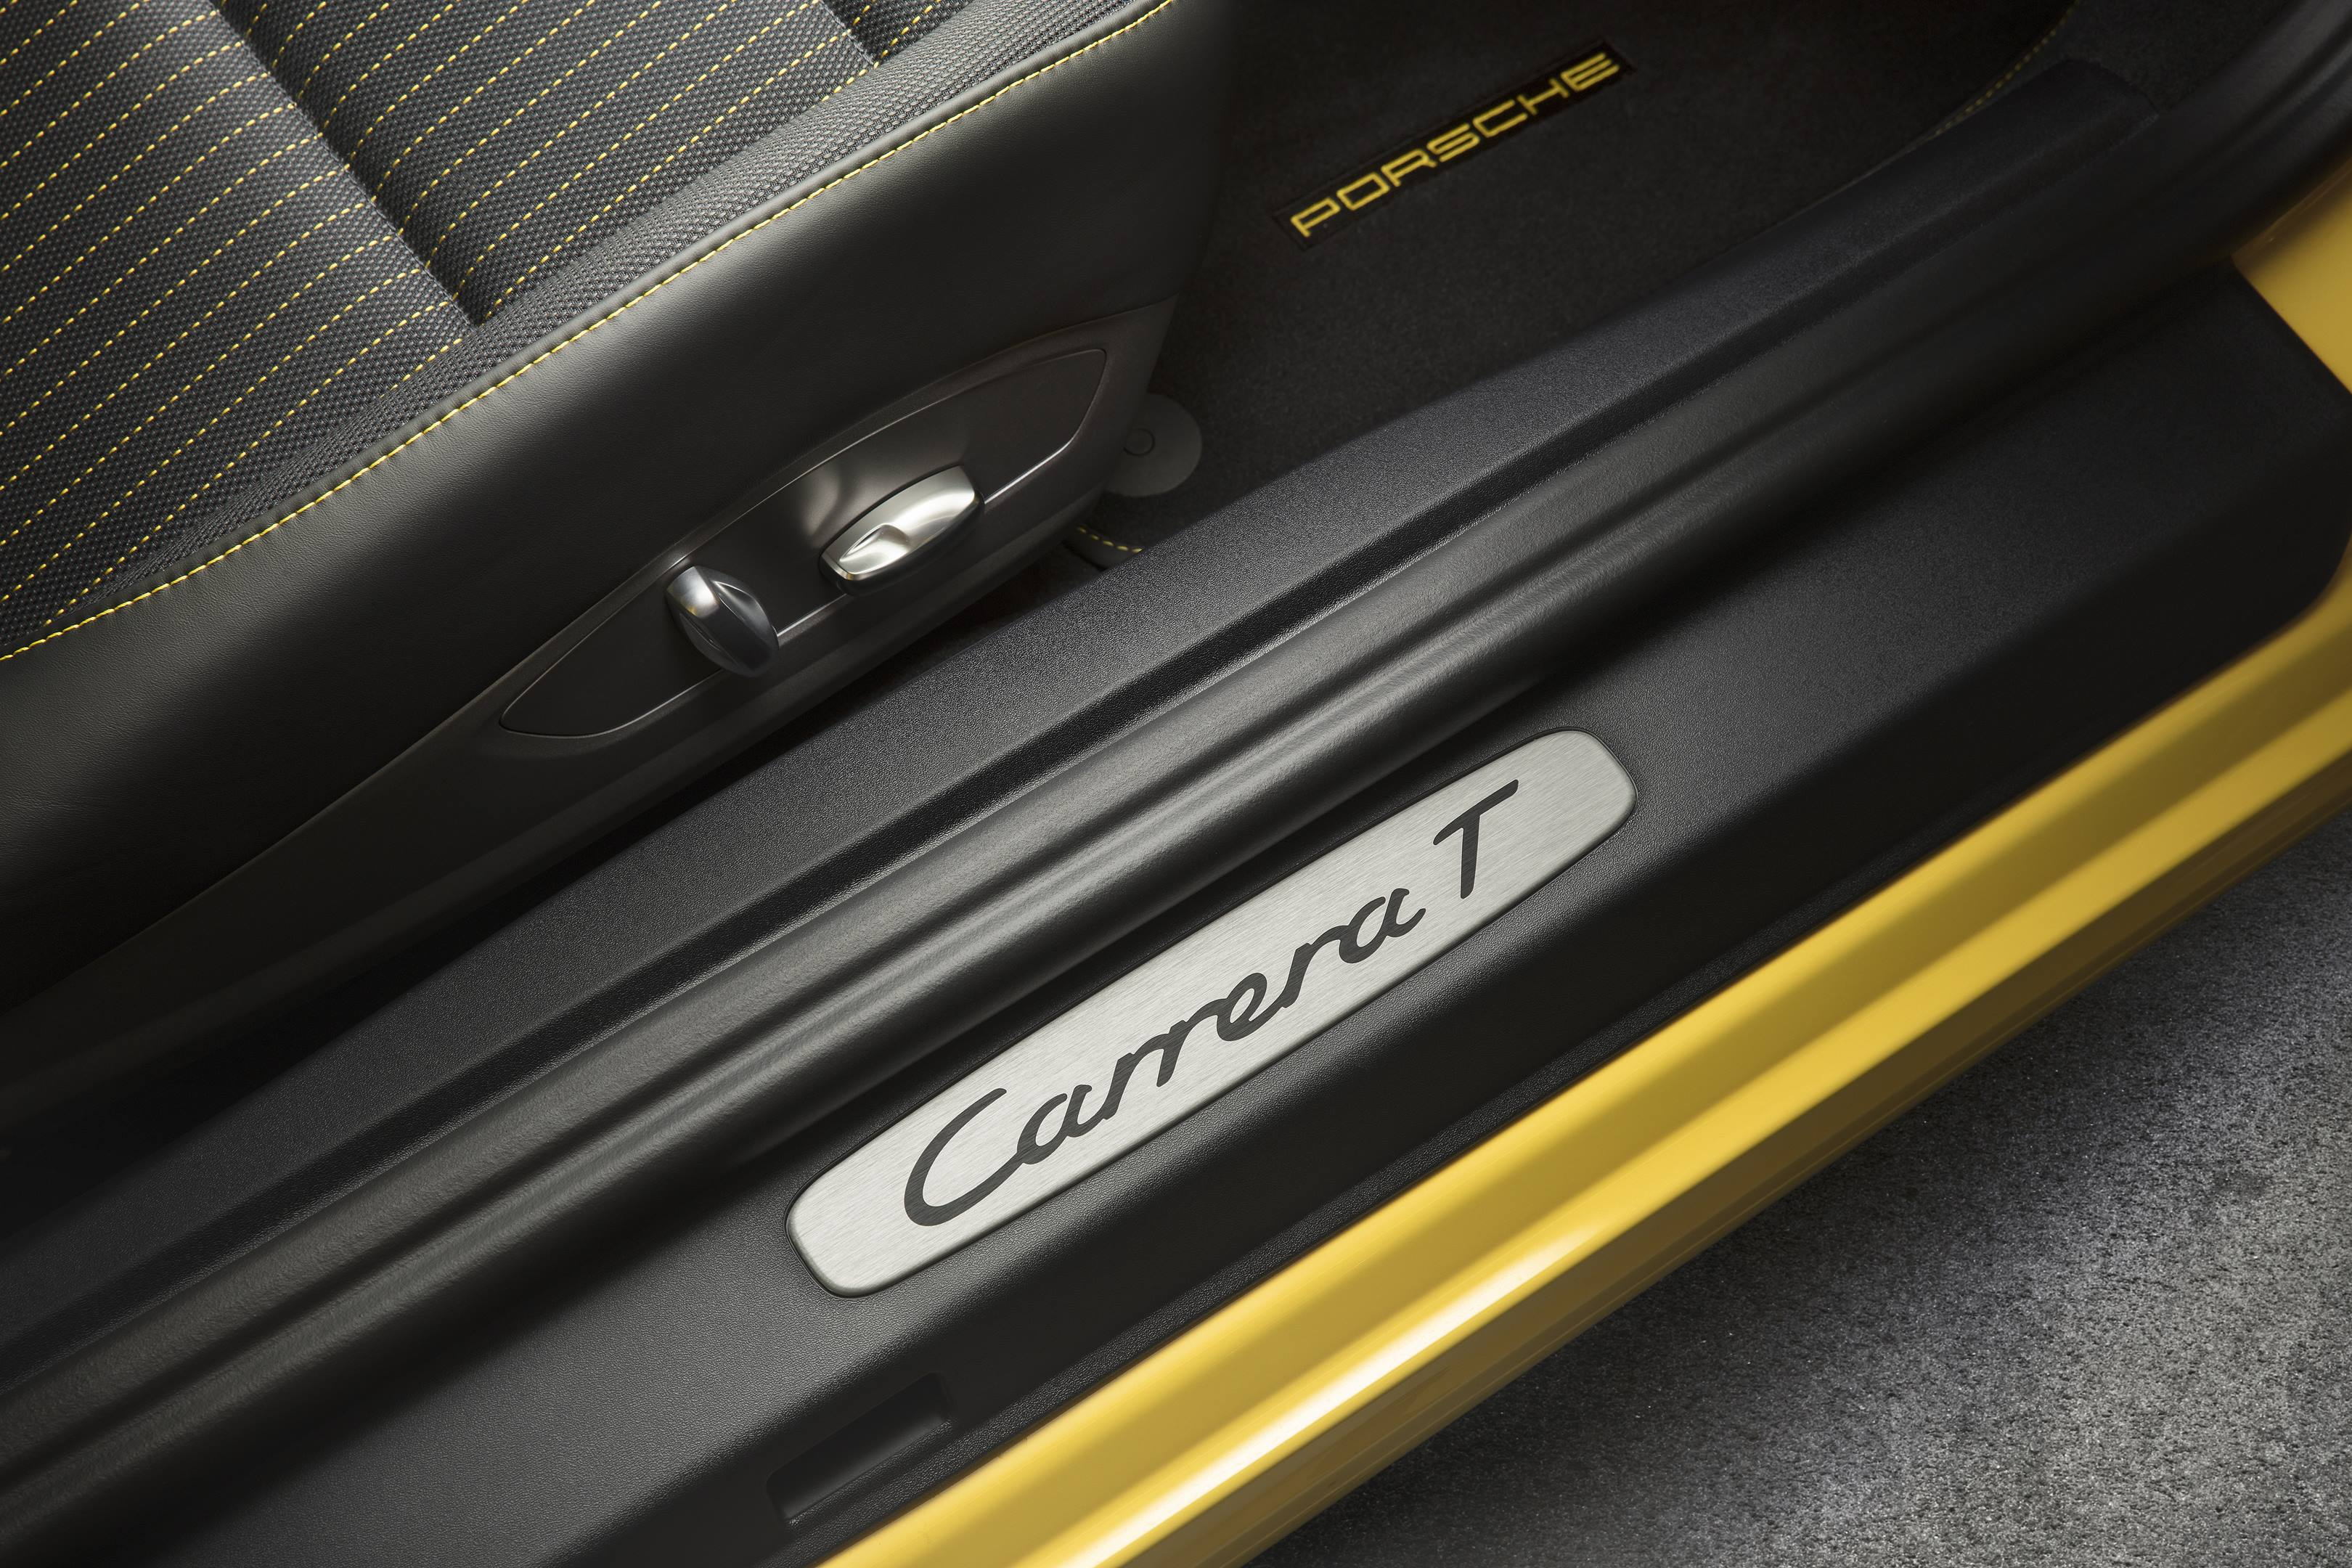 2018 Porsche 911 Carrera T detail